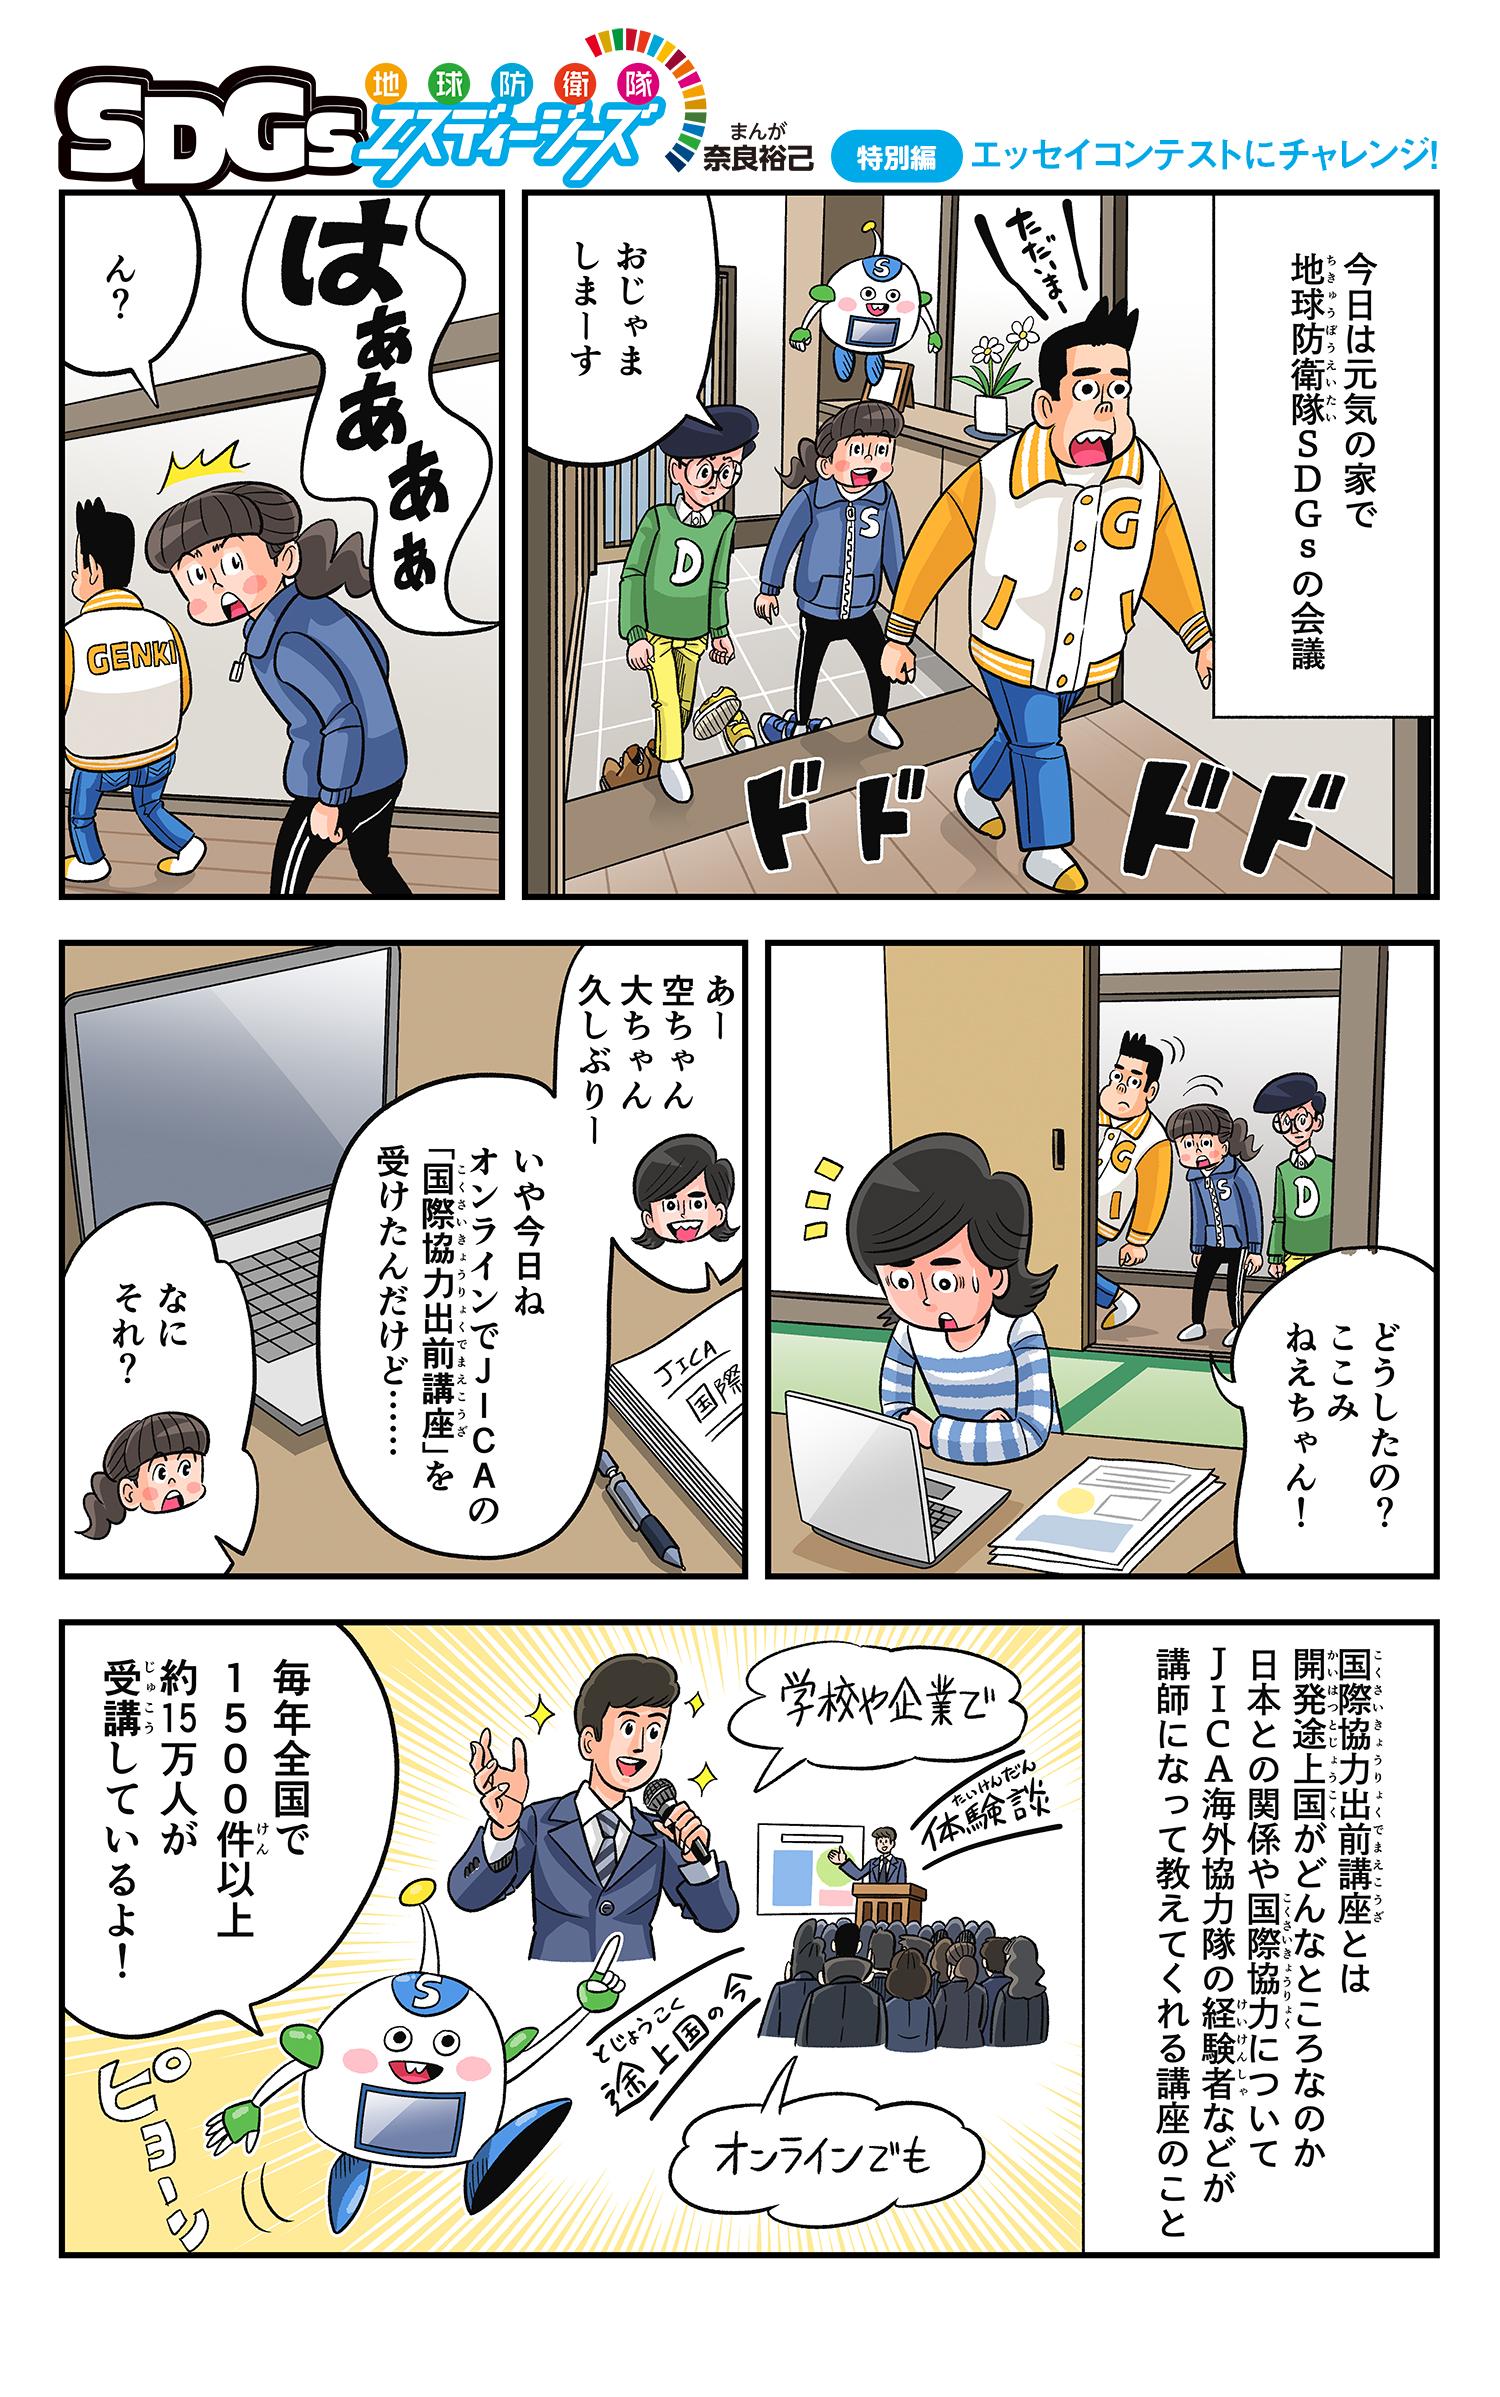 まんが「地球防衛隊SDGs」特別編 エッセイコンテストにチャレンジ!